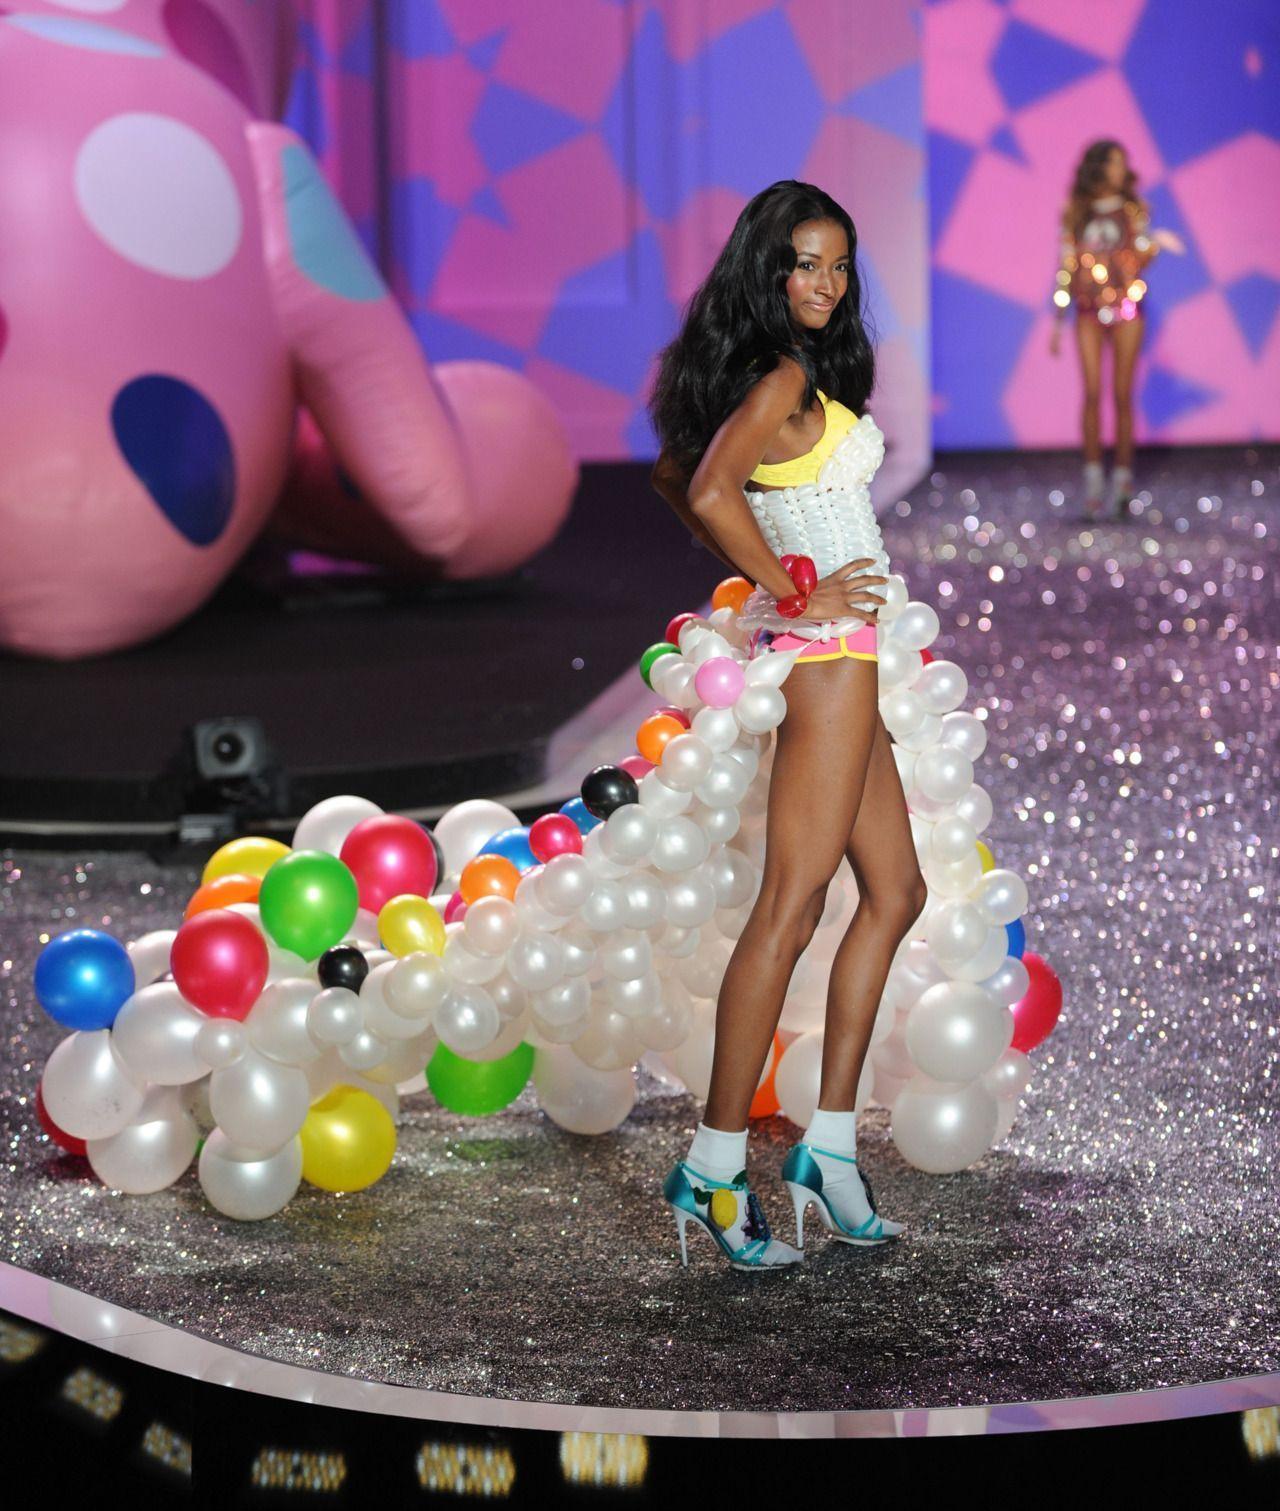 девушка-модель на подиуме